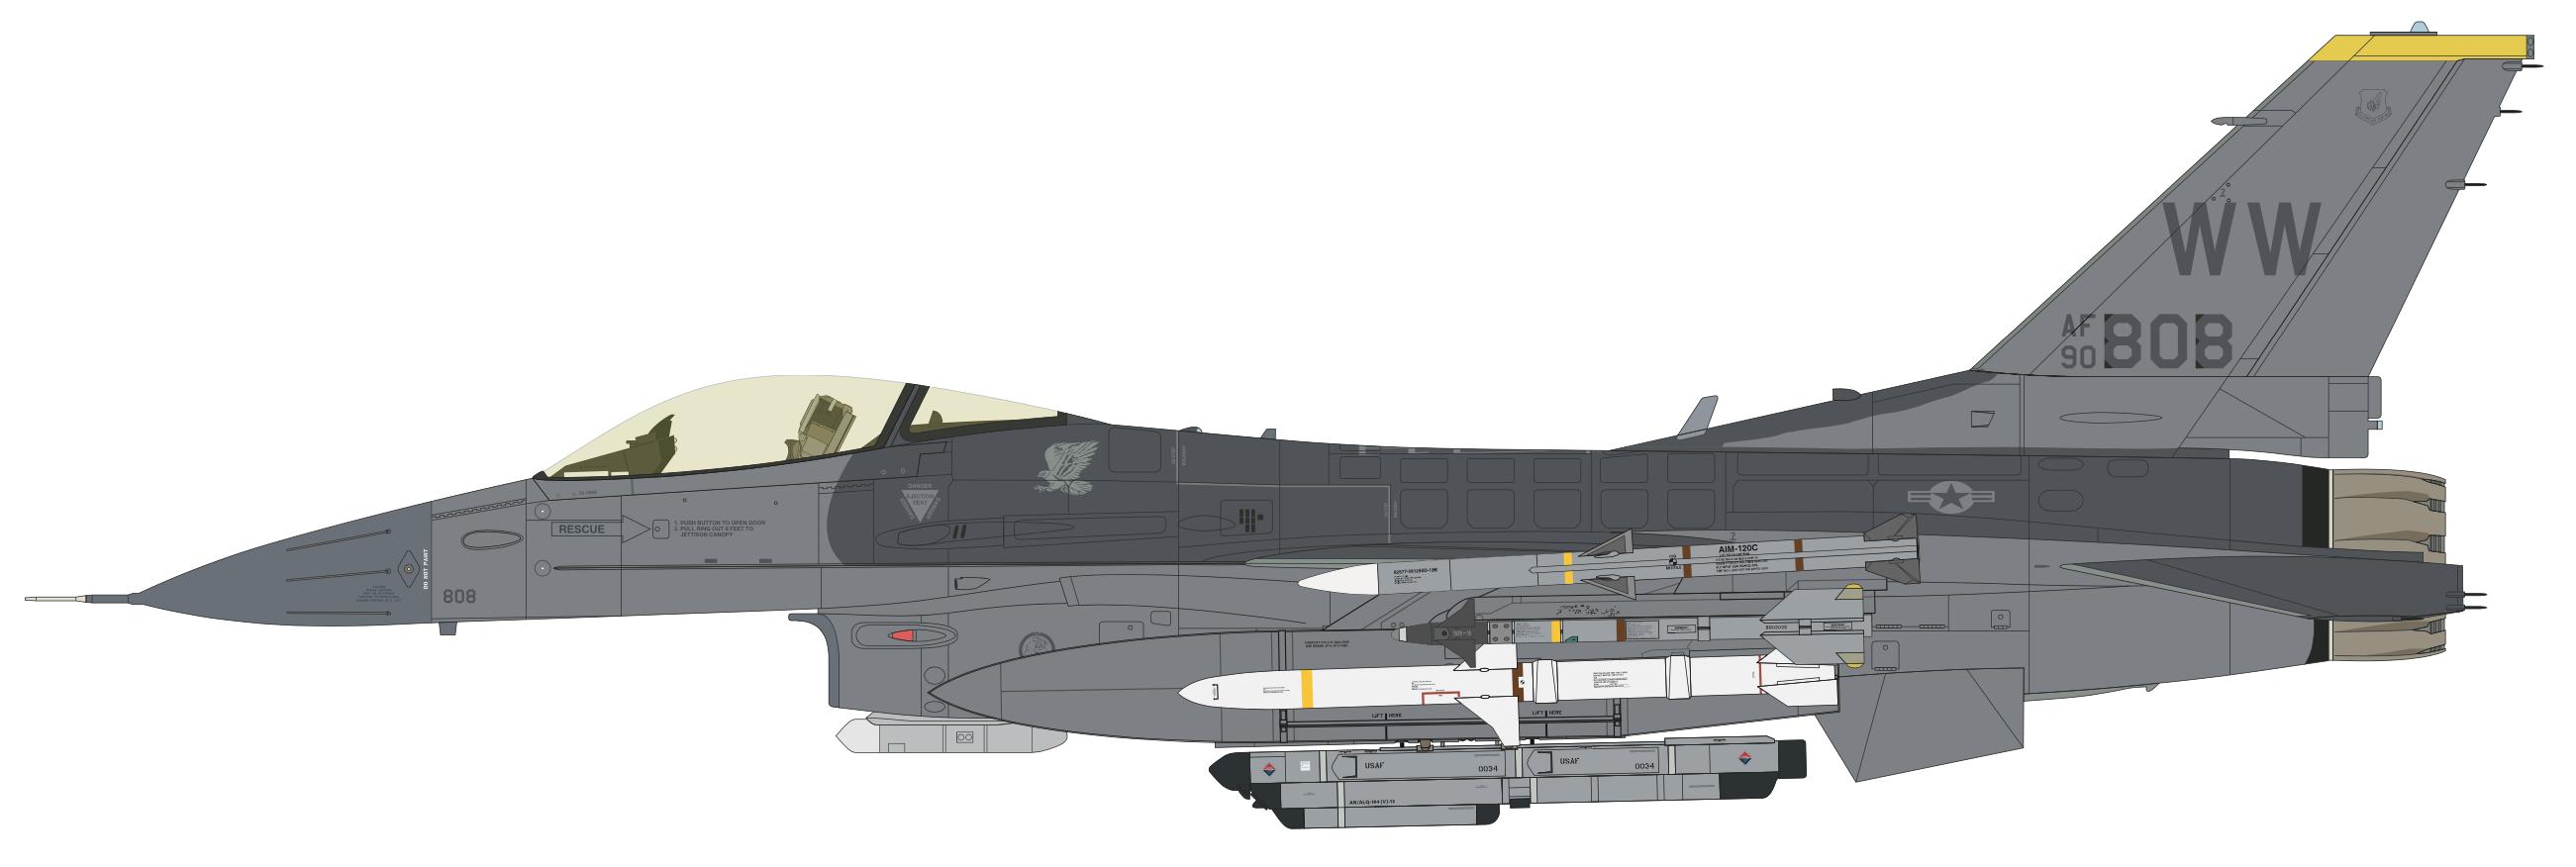 F-16CJ 13 BOB